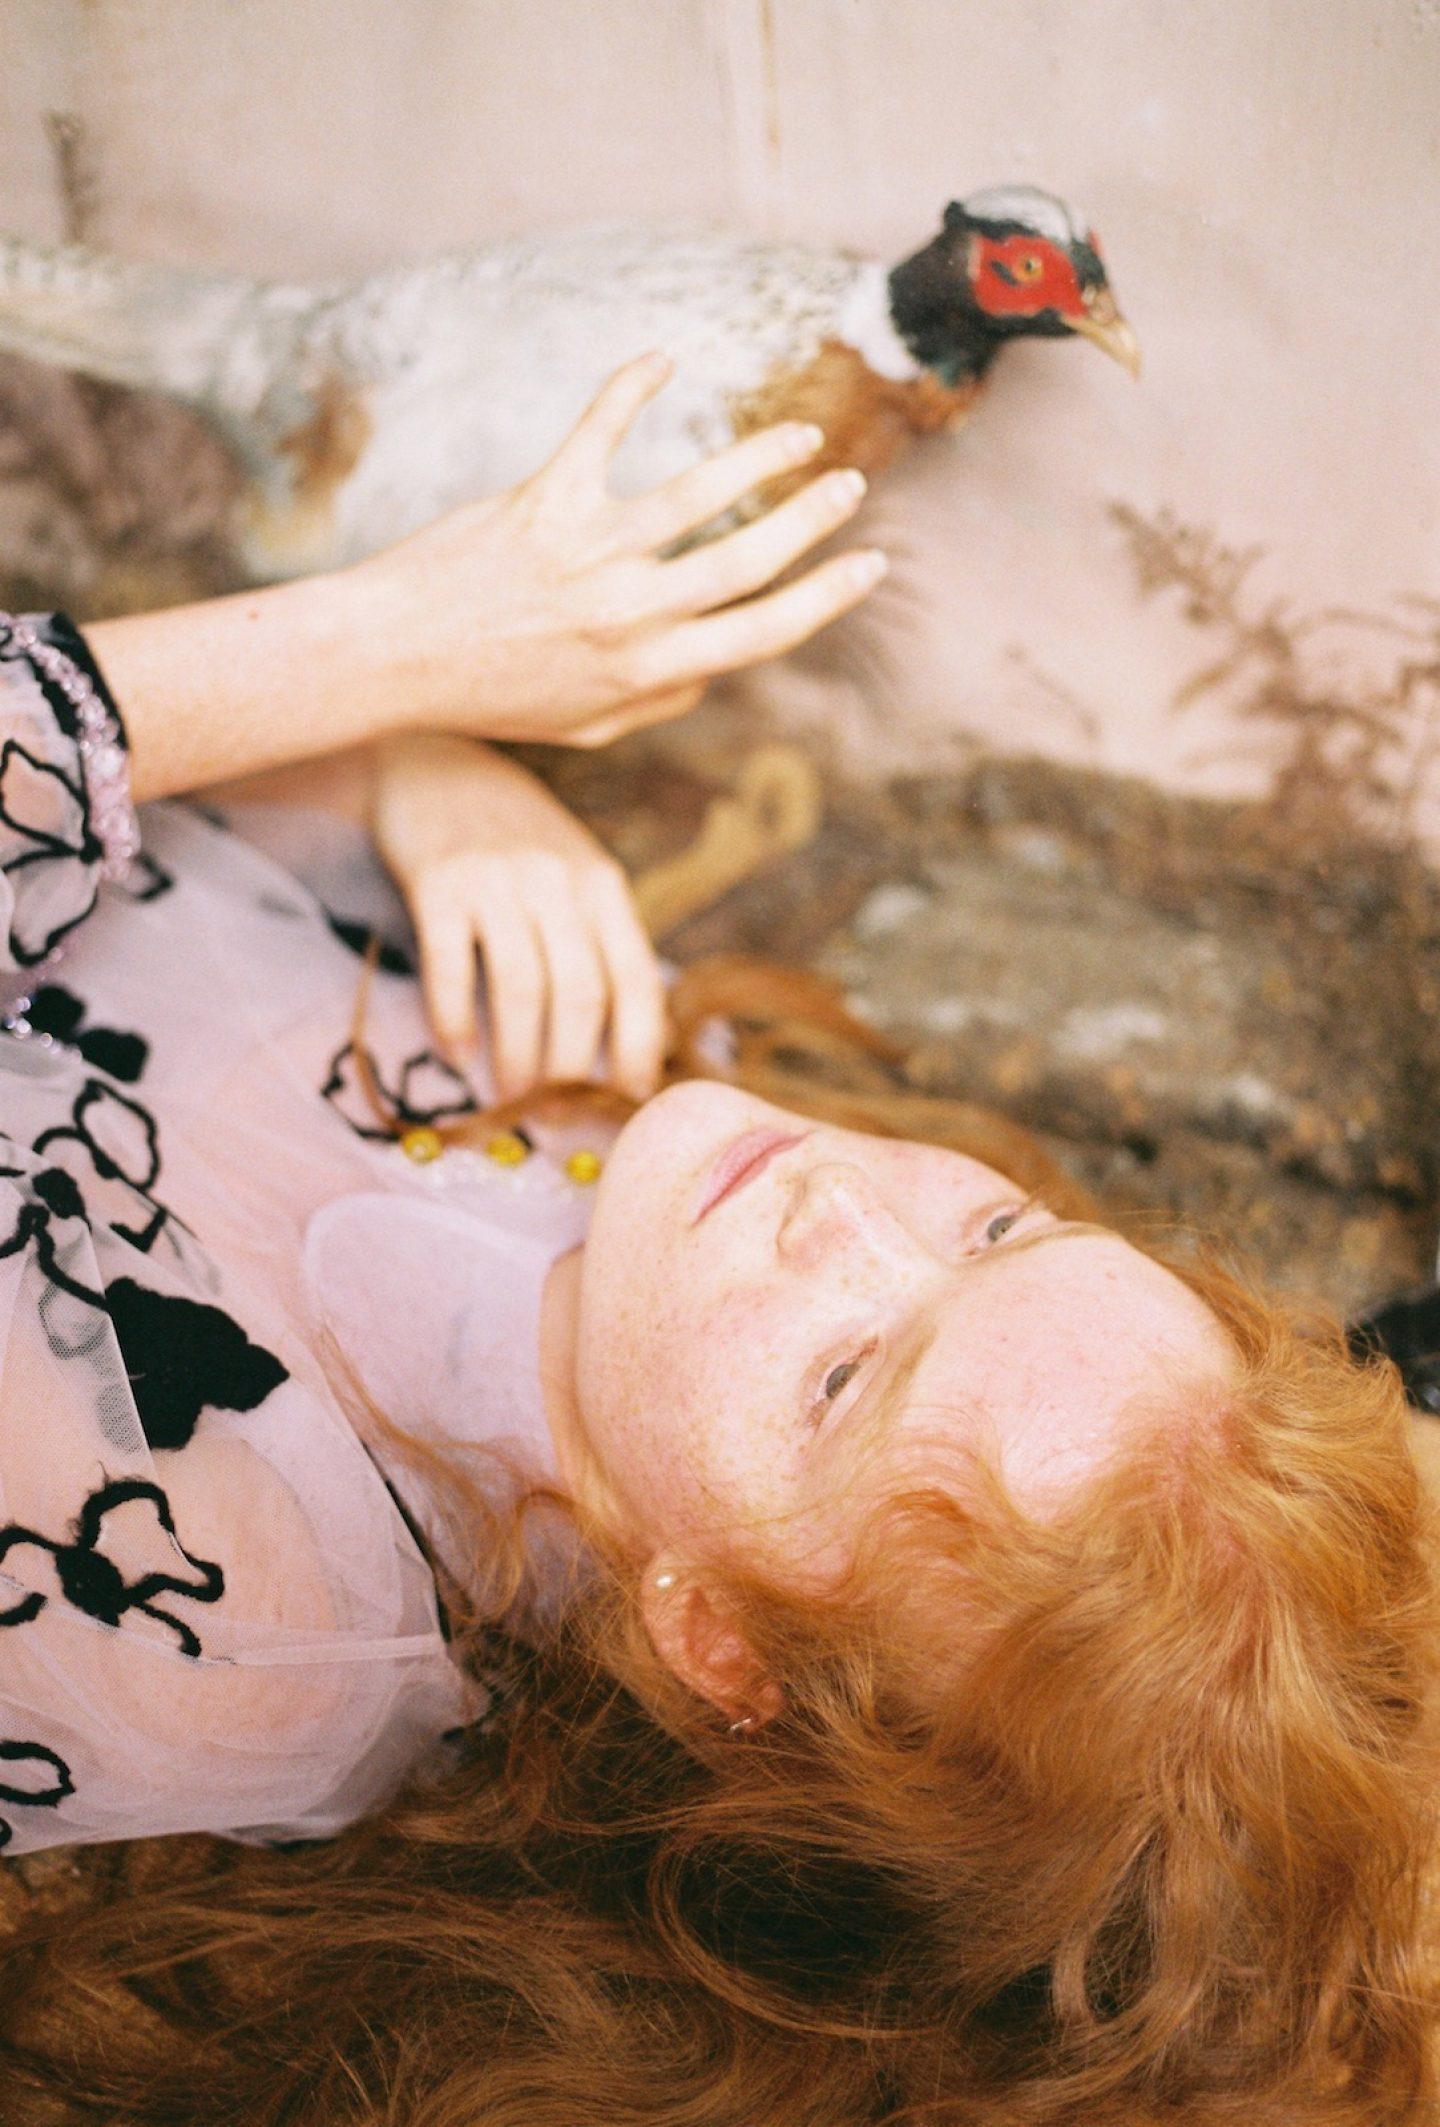 photography_lukaszwierzbowski_09